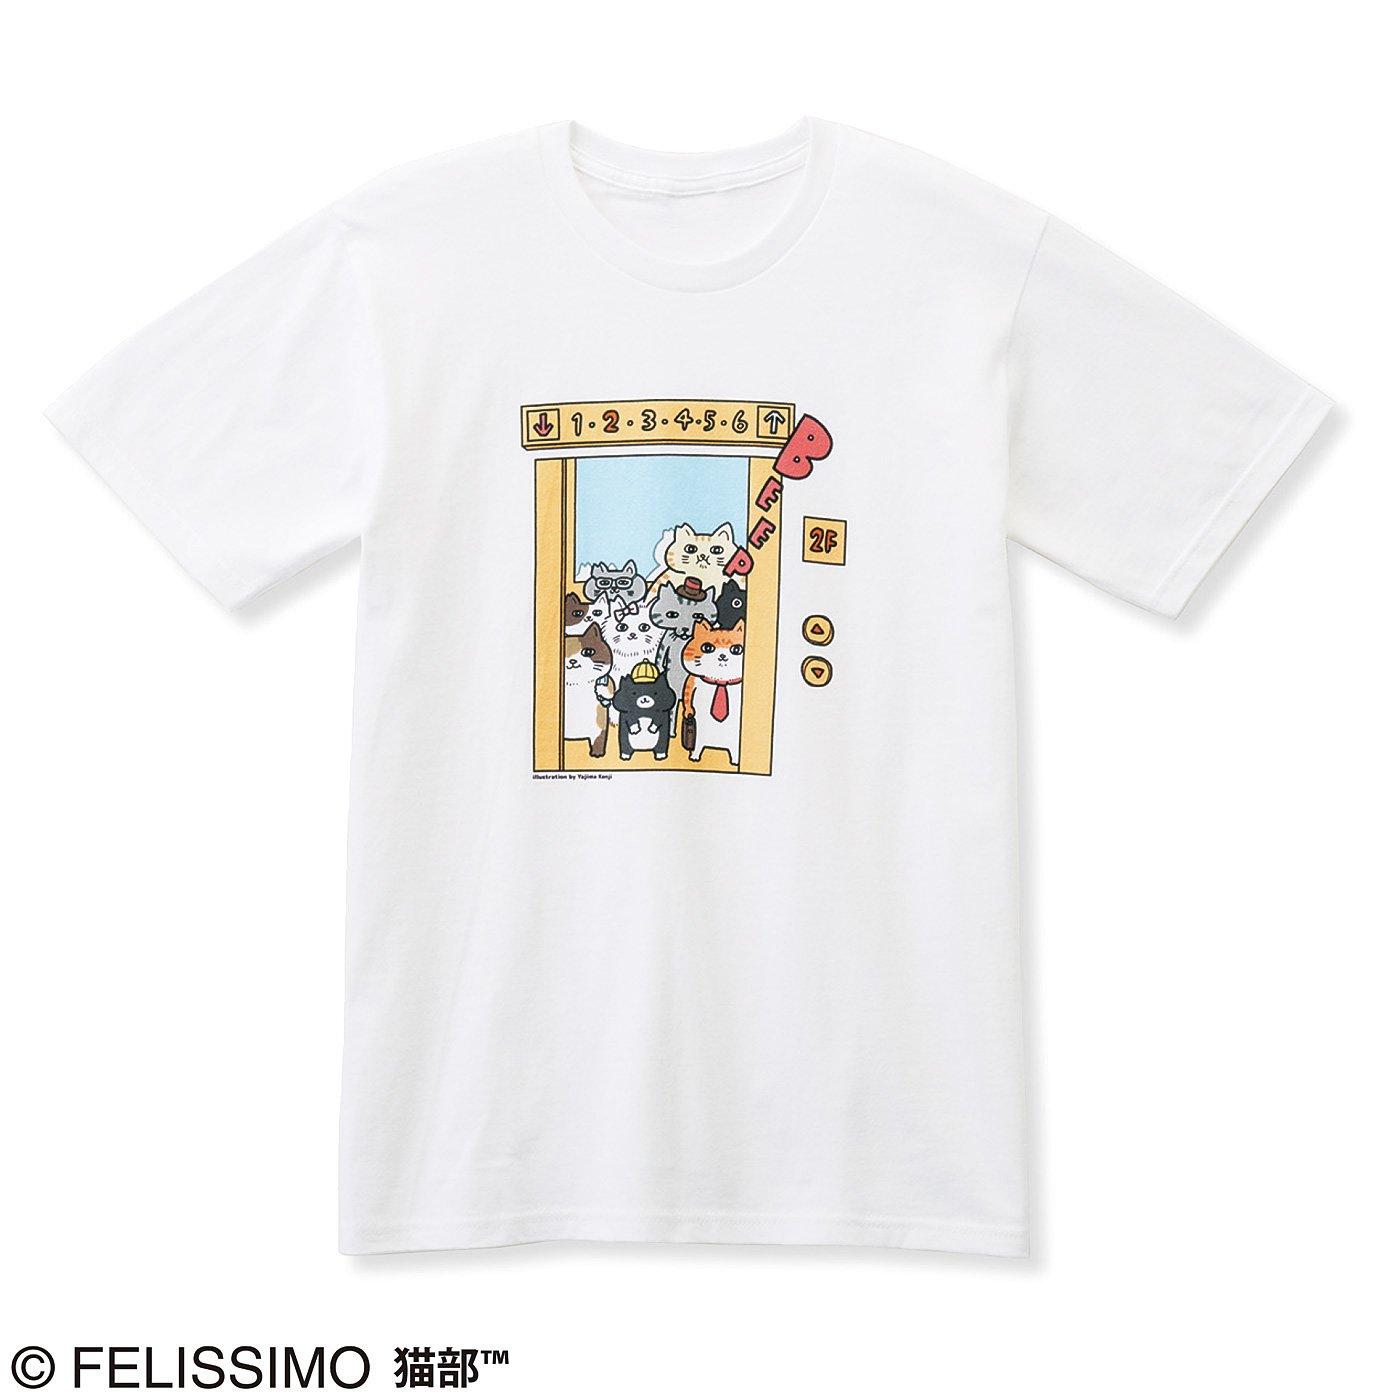 猫部×やじまけんじ 地域猫チャリティーTシャツ2019